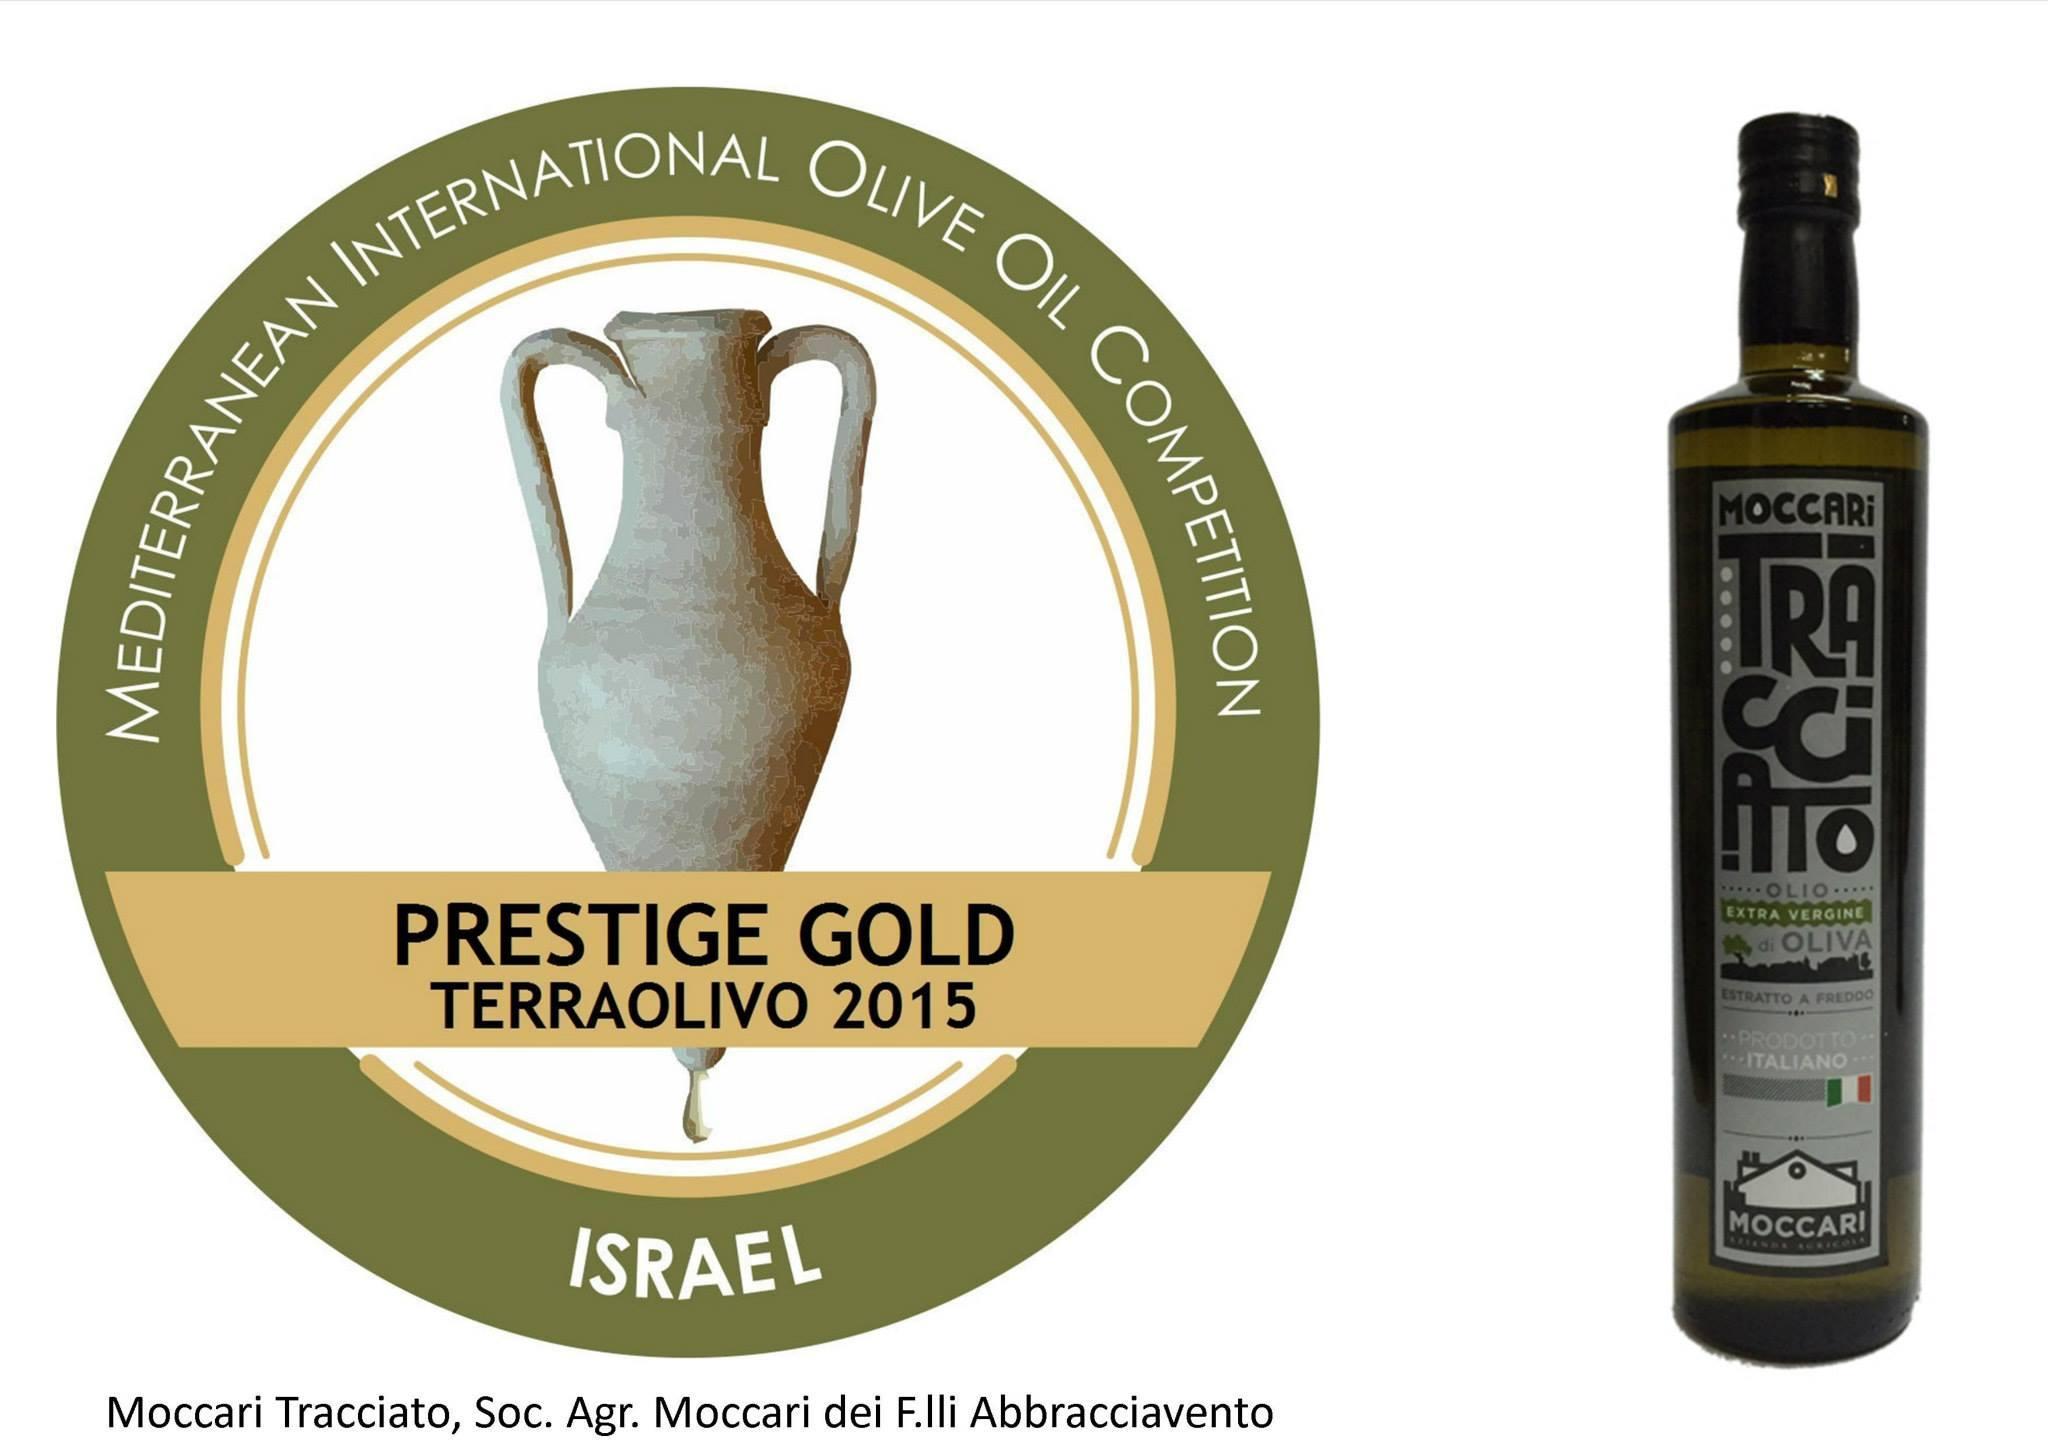 mediterraneanoilcomp-award